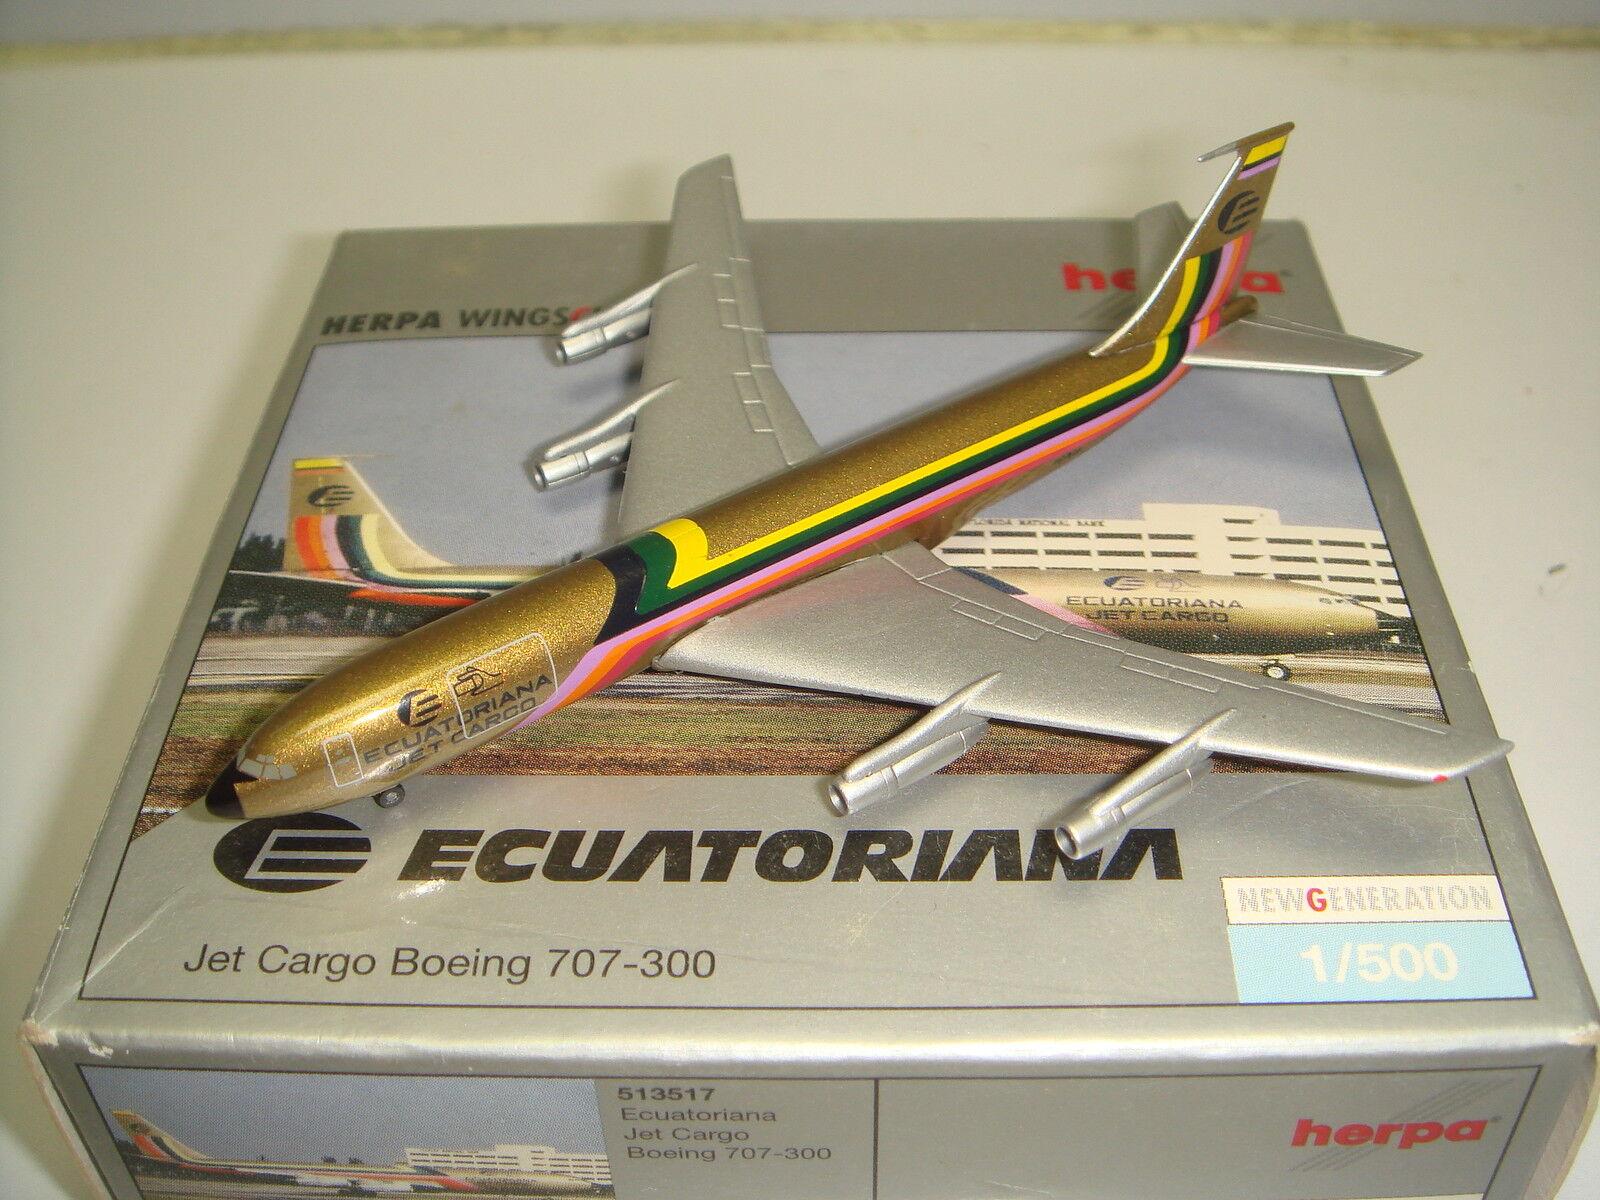 ventas en linea Herpa Wings 500 ecuatoriana de de de Cochega B707-300F  1970s Color-club Modelo  1 500 NG  tienda de venta